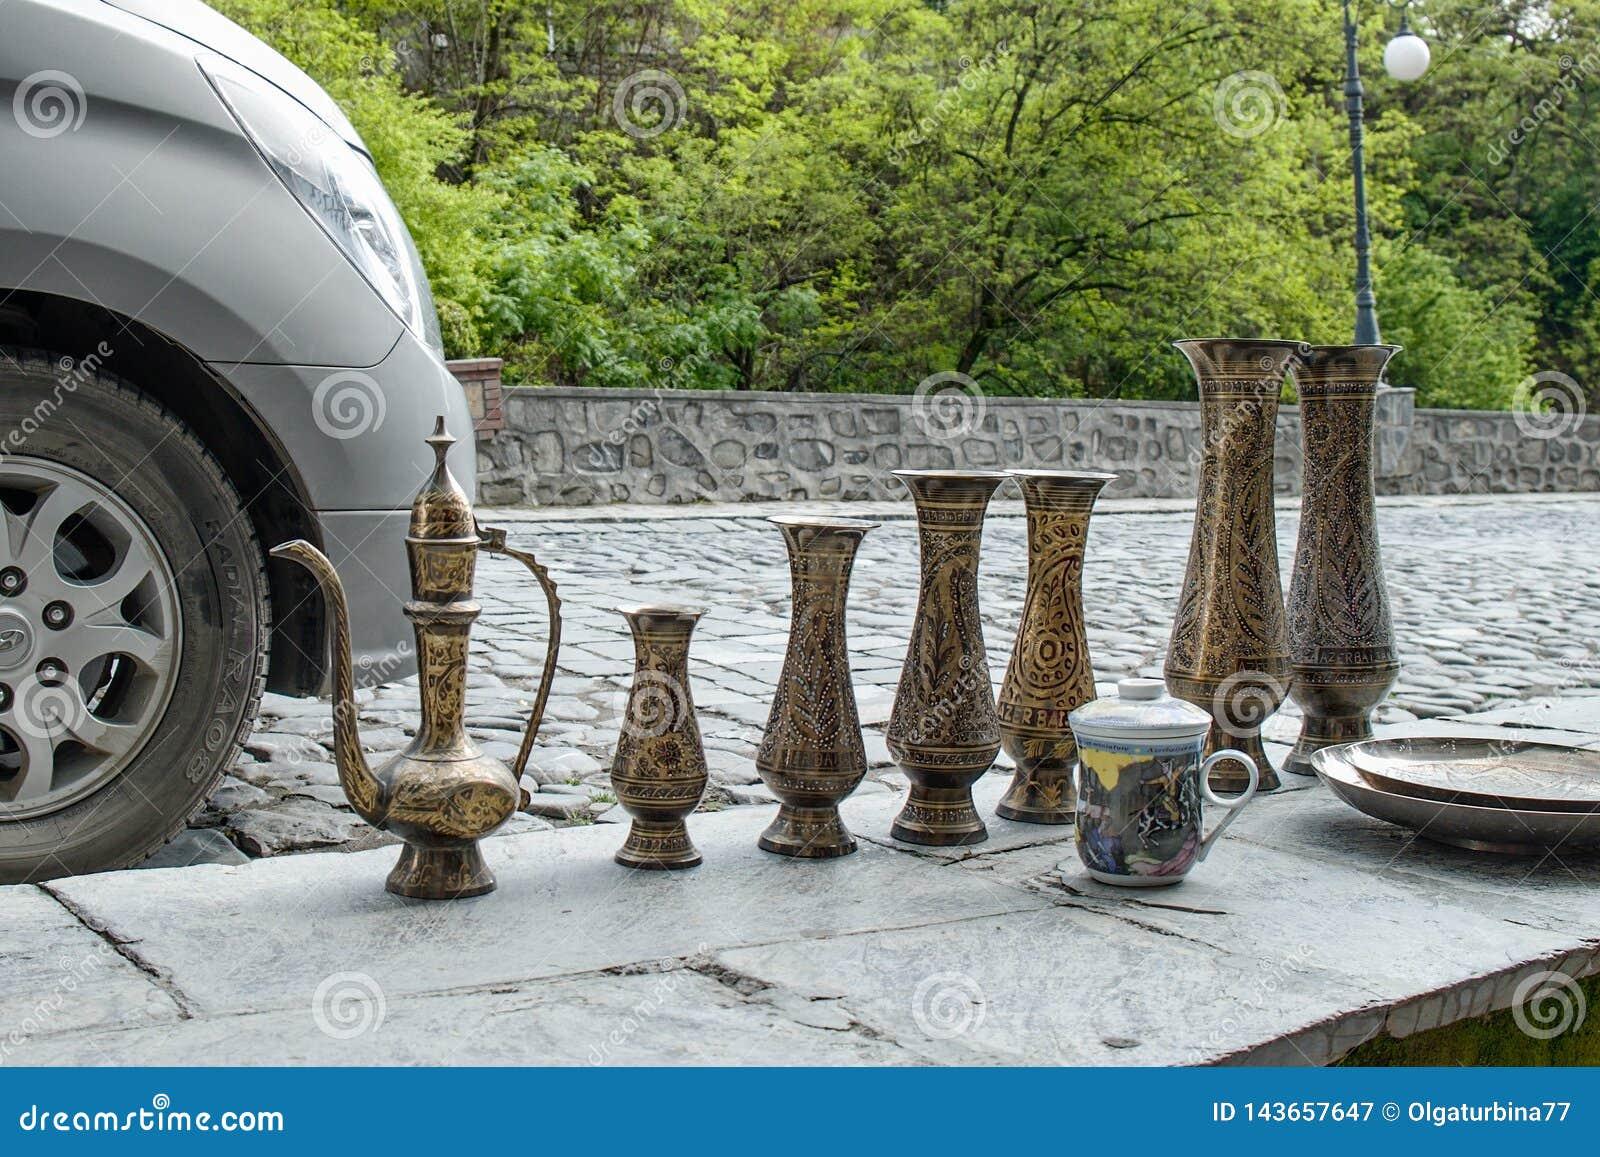 Παραδοσιακές ασιατικές χειροποίητες κανάτες ορείχαλκου με τη διακόσμηση tradiitional για την πώληση ενός πλανόδιου πωλητή παζαριώ